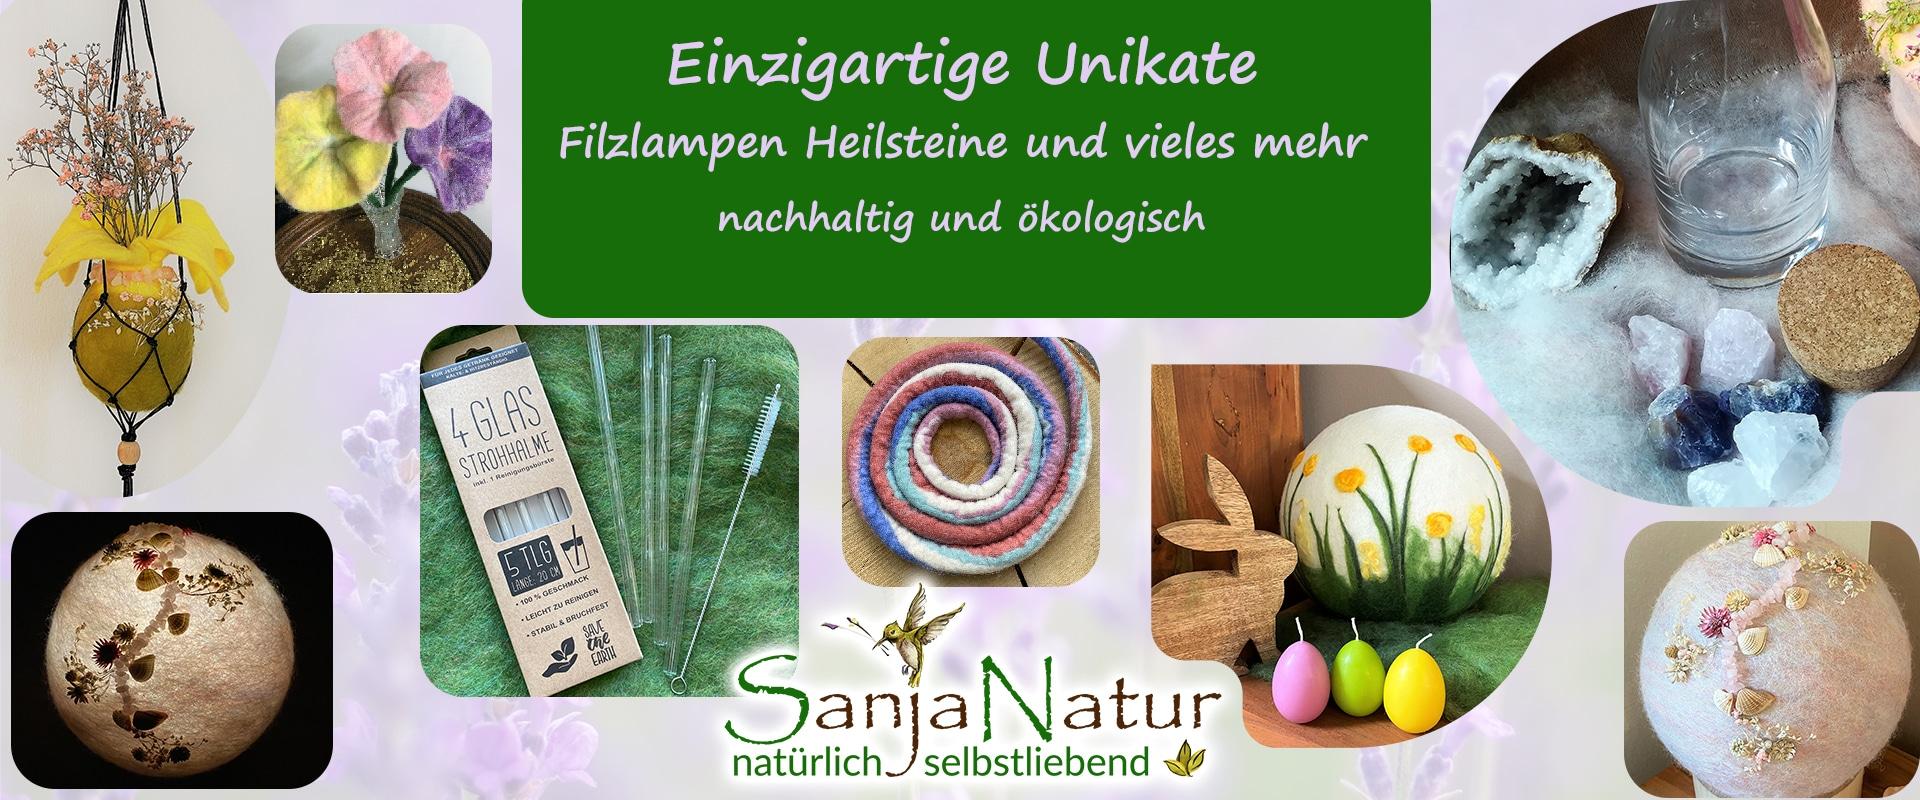 Selbstliebe Portal + Heilstein und Filzlampen Shopping + CU Zahlenring 1 SanjaNatur